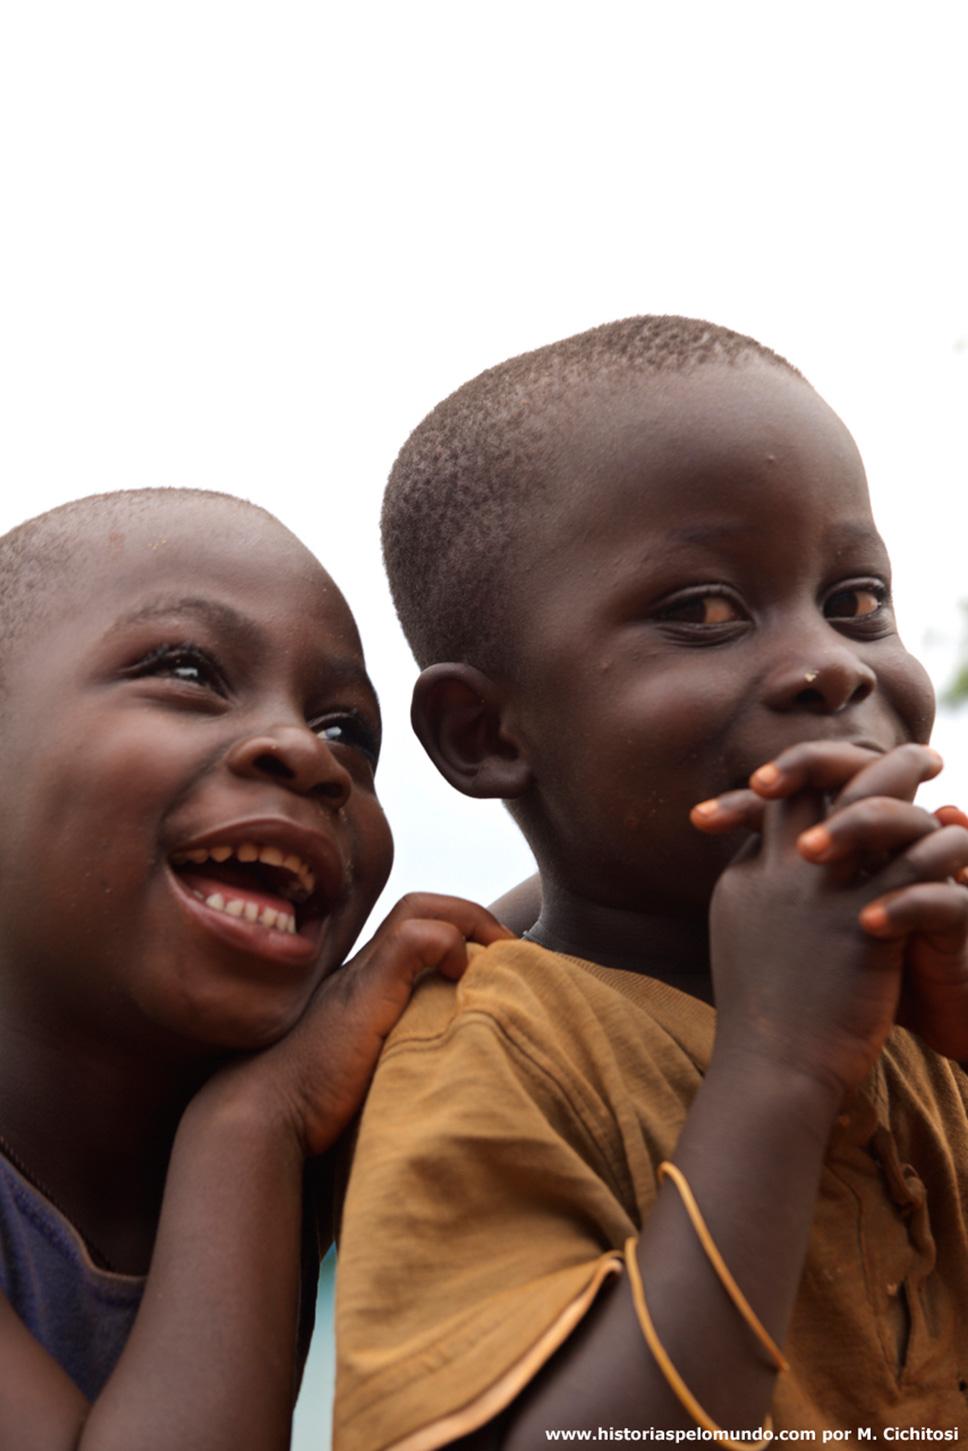 Meninos-no-Quênia